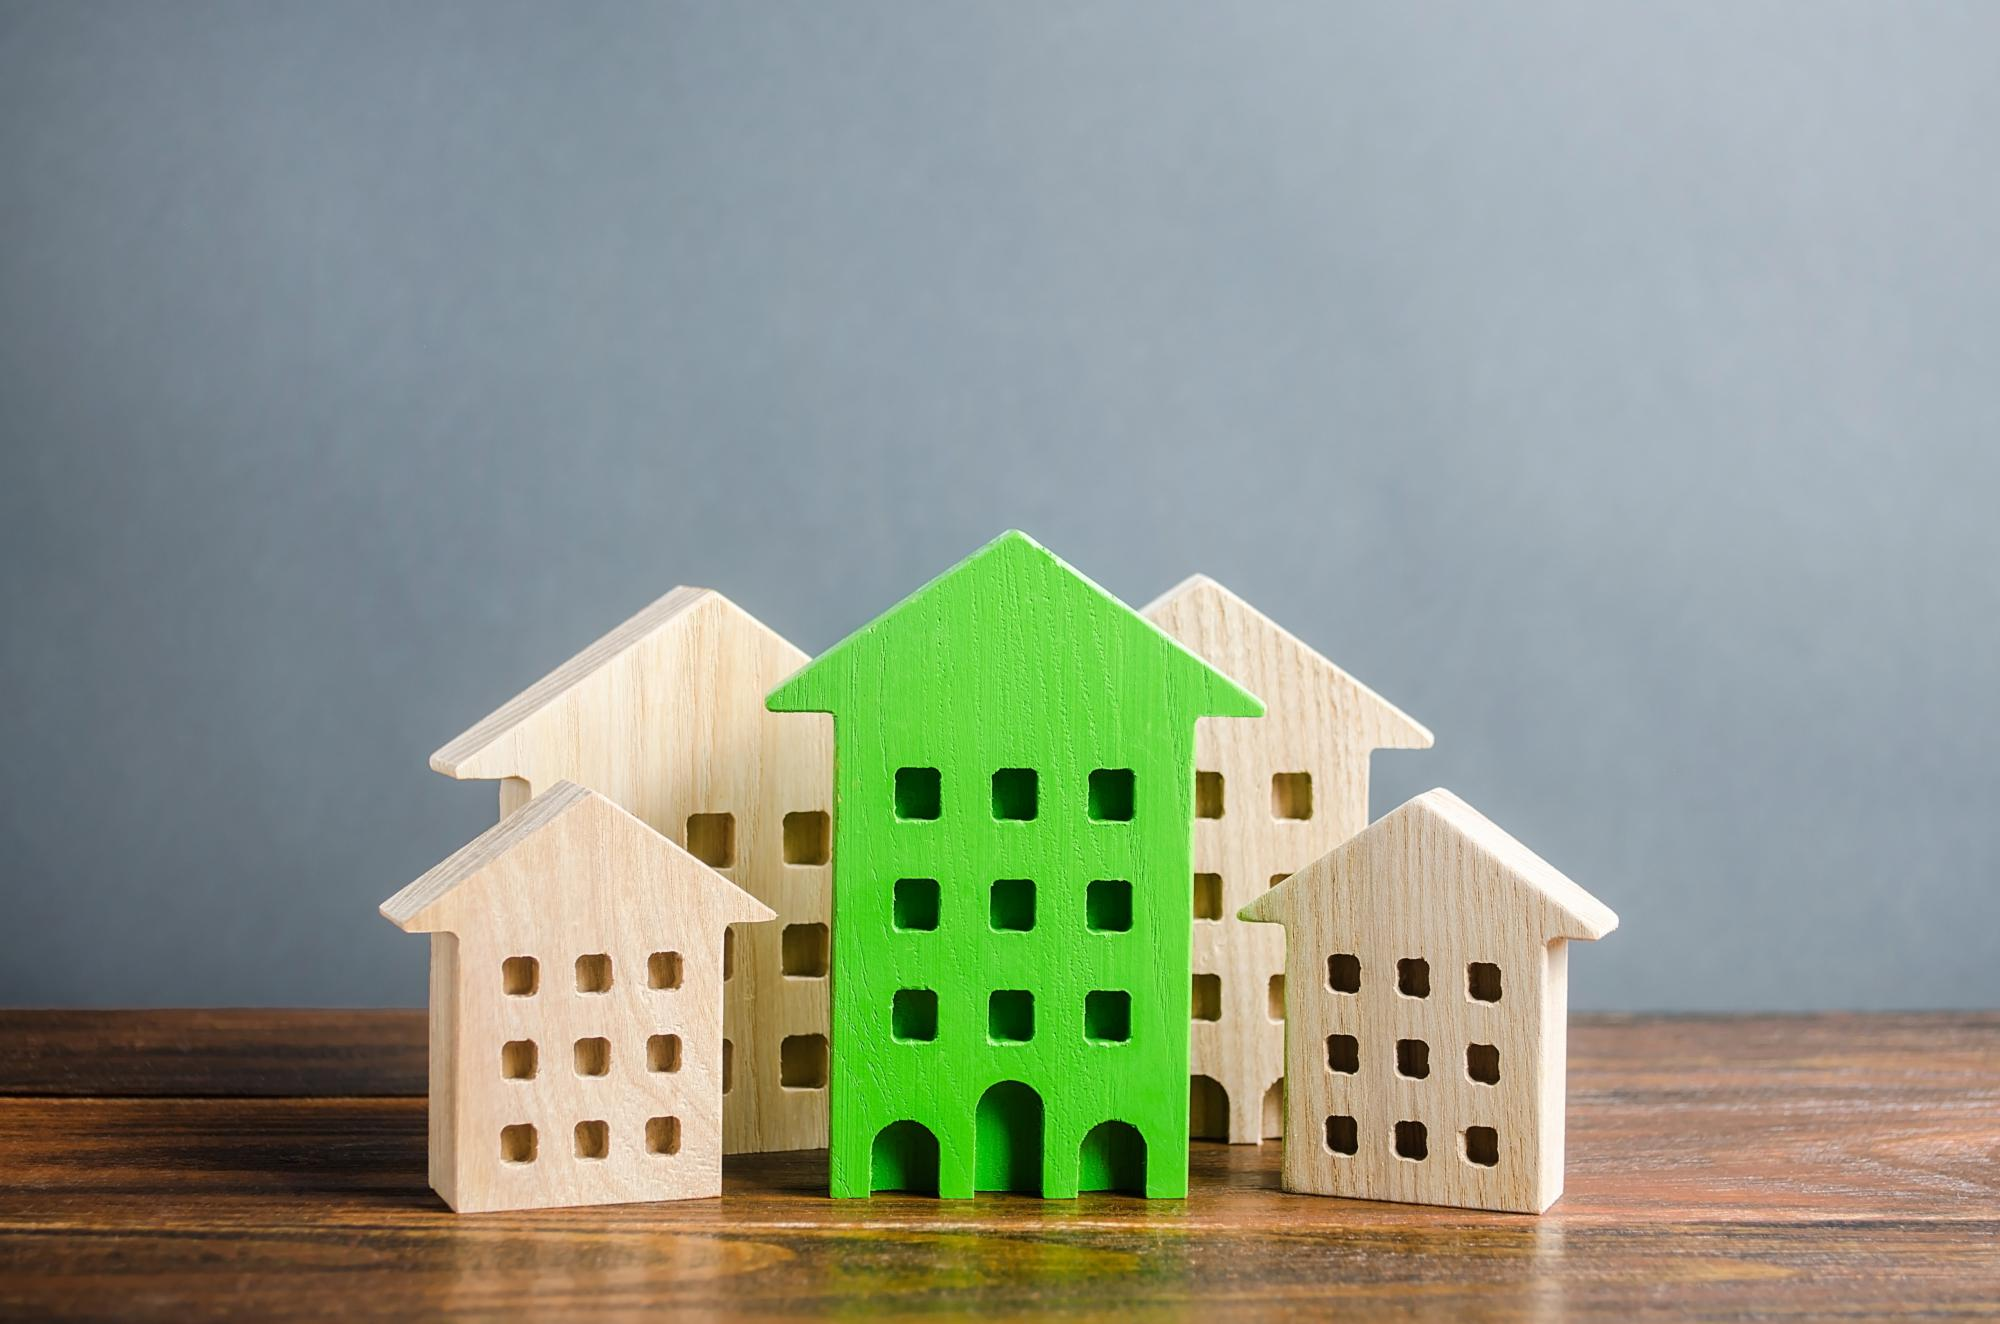 Закон о госрегистрации аренды недвижимого имущества в отношении участков недр приведены в соответствие с действующим законодательством